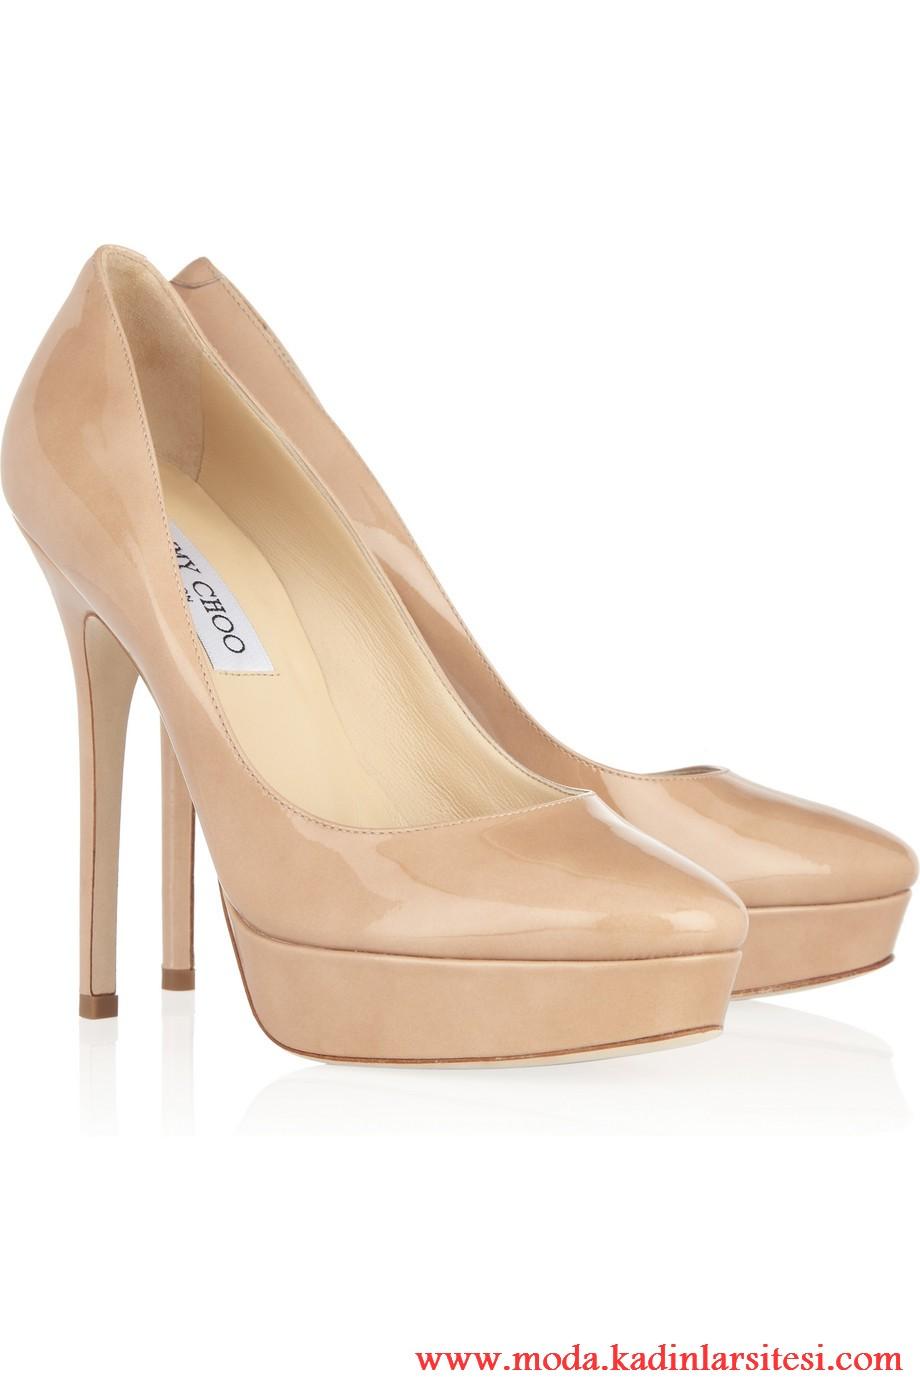 jimmy choo bej platformlu ayakkabı modeli